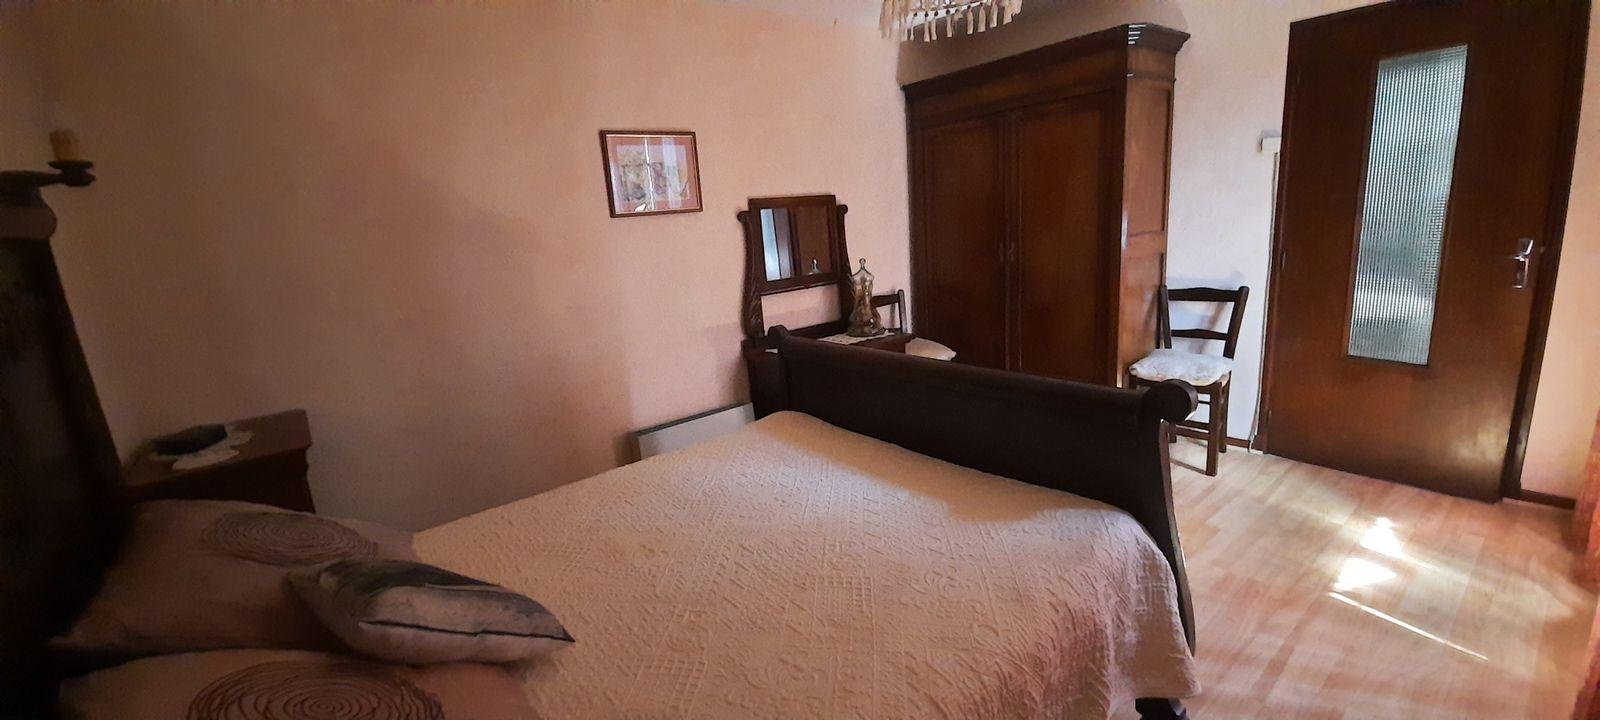 Chambre 1 ; lit en 140